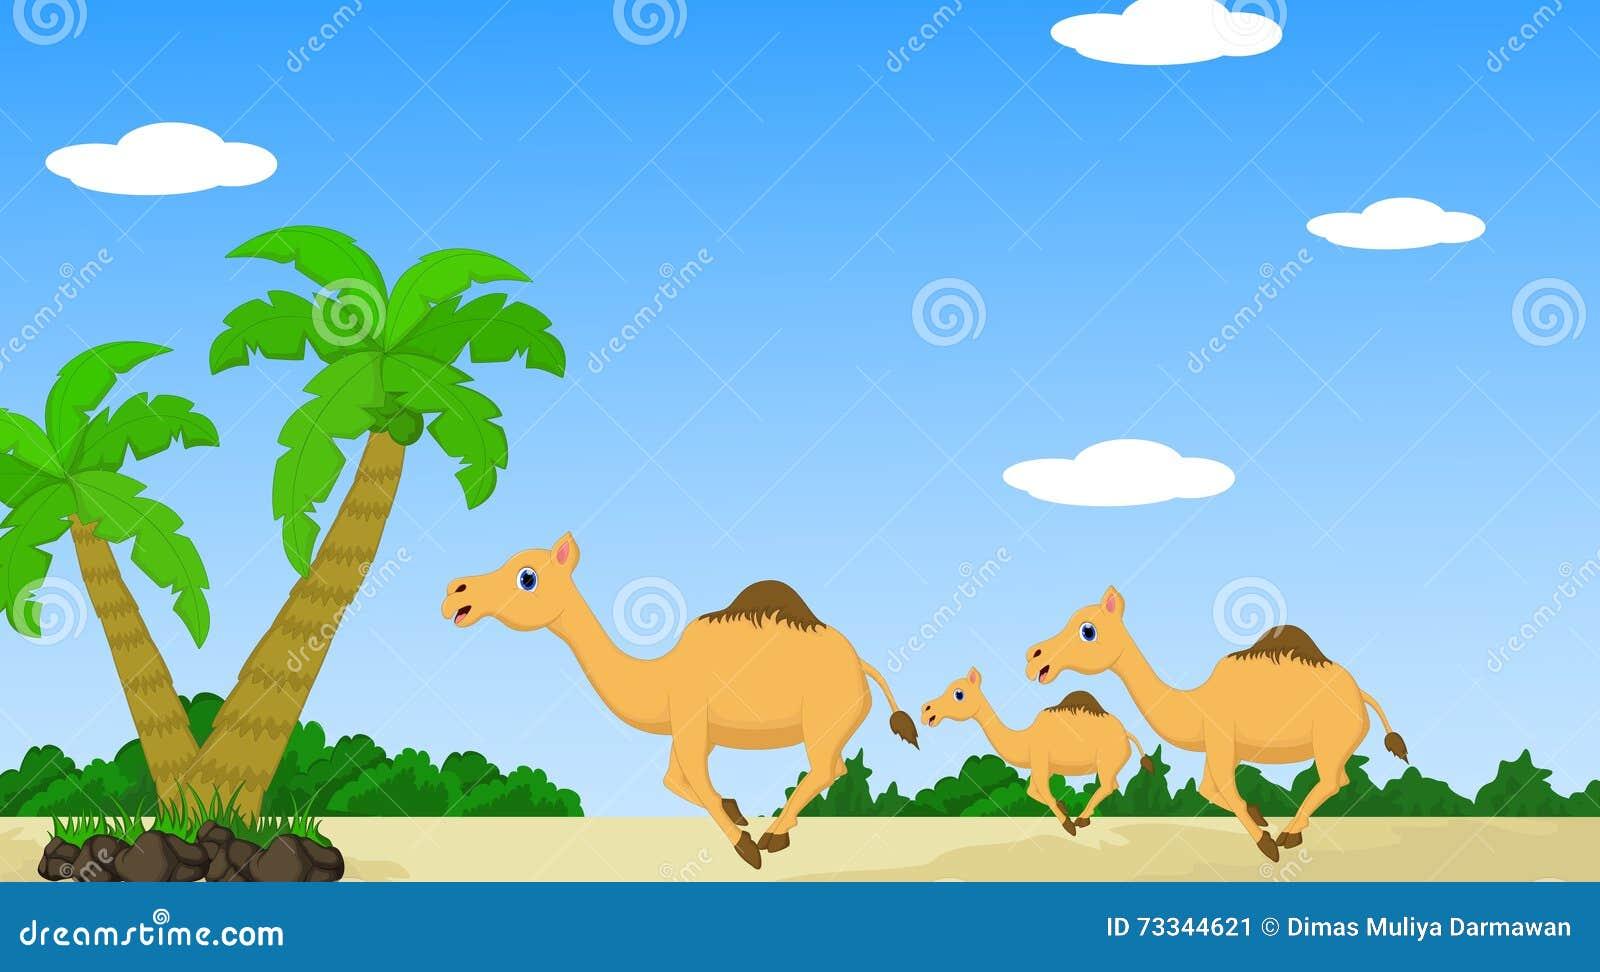 Camel With Desert Landscape Background Stock Illustration